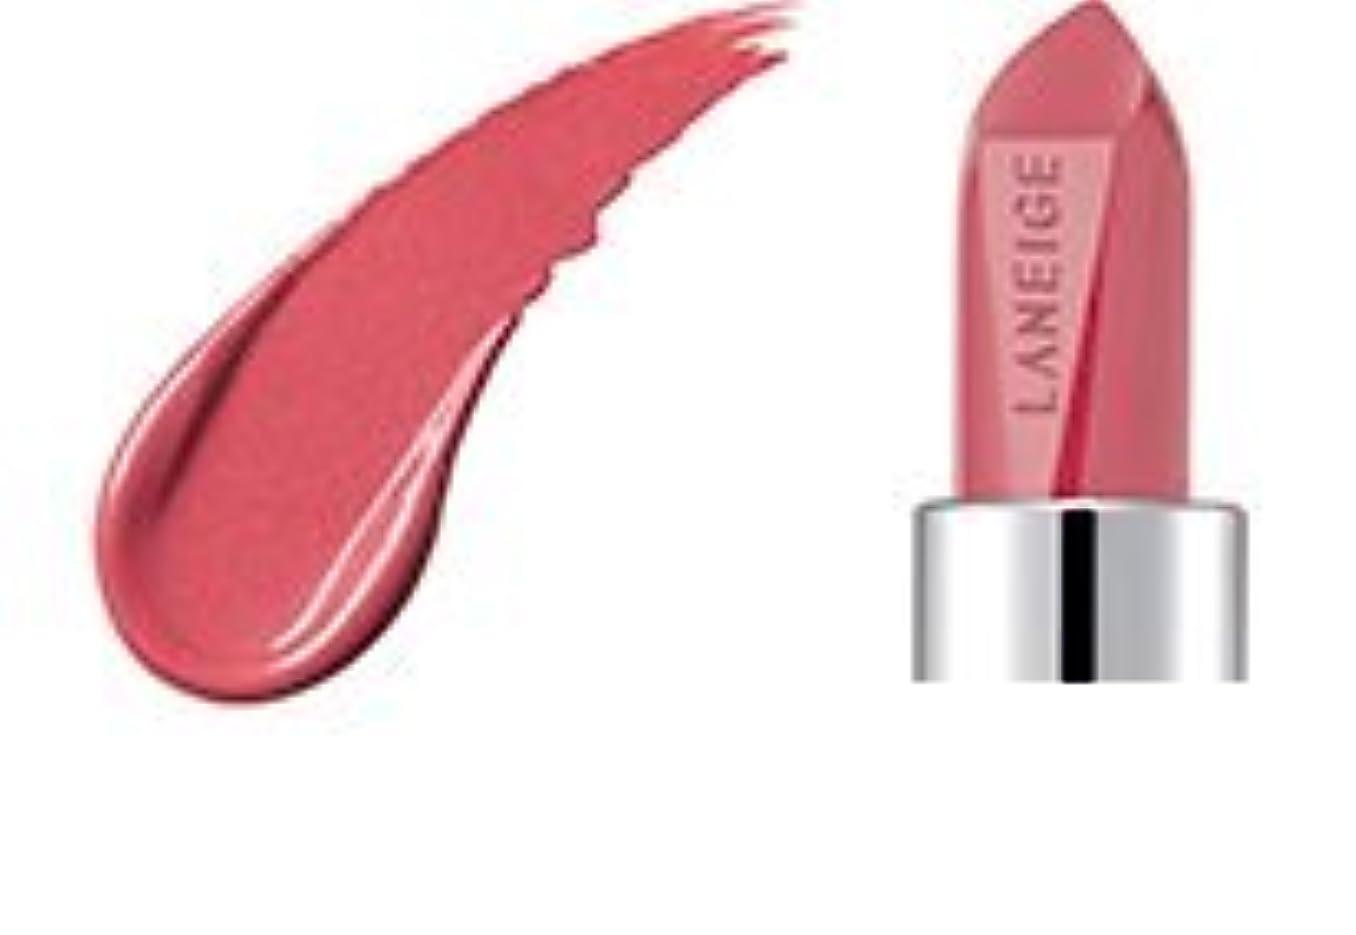 吸うクランシー口径[2017 Renewal] LANEIGE Silk Intense Lipstick 3.5g/ラネージュ シルク インテンス リップスティック 3.5g (#430 Pink Garden) [並行輸入品]